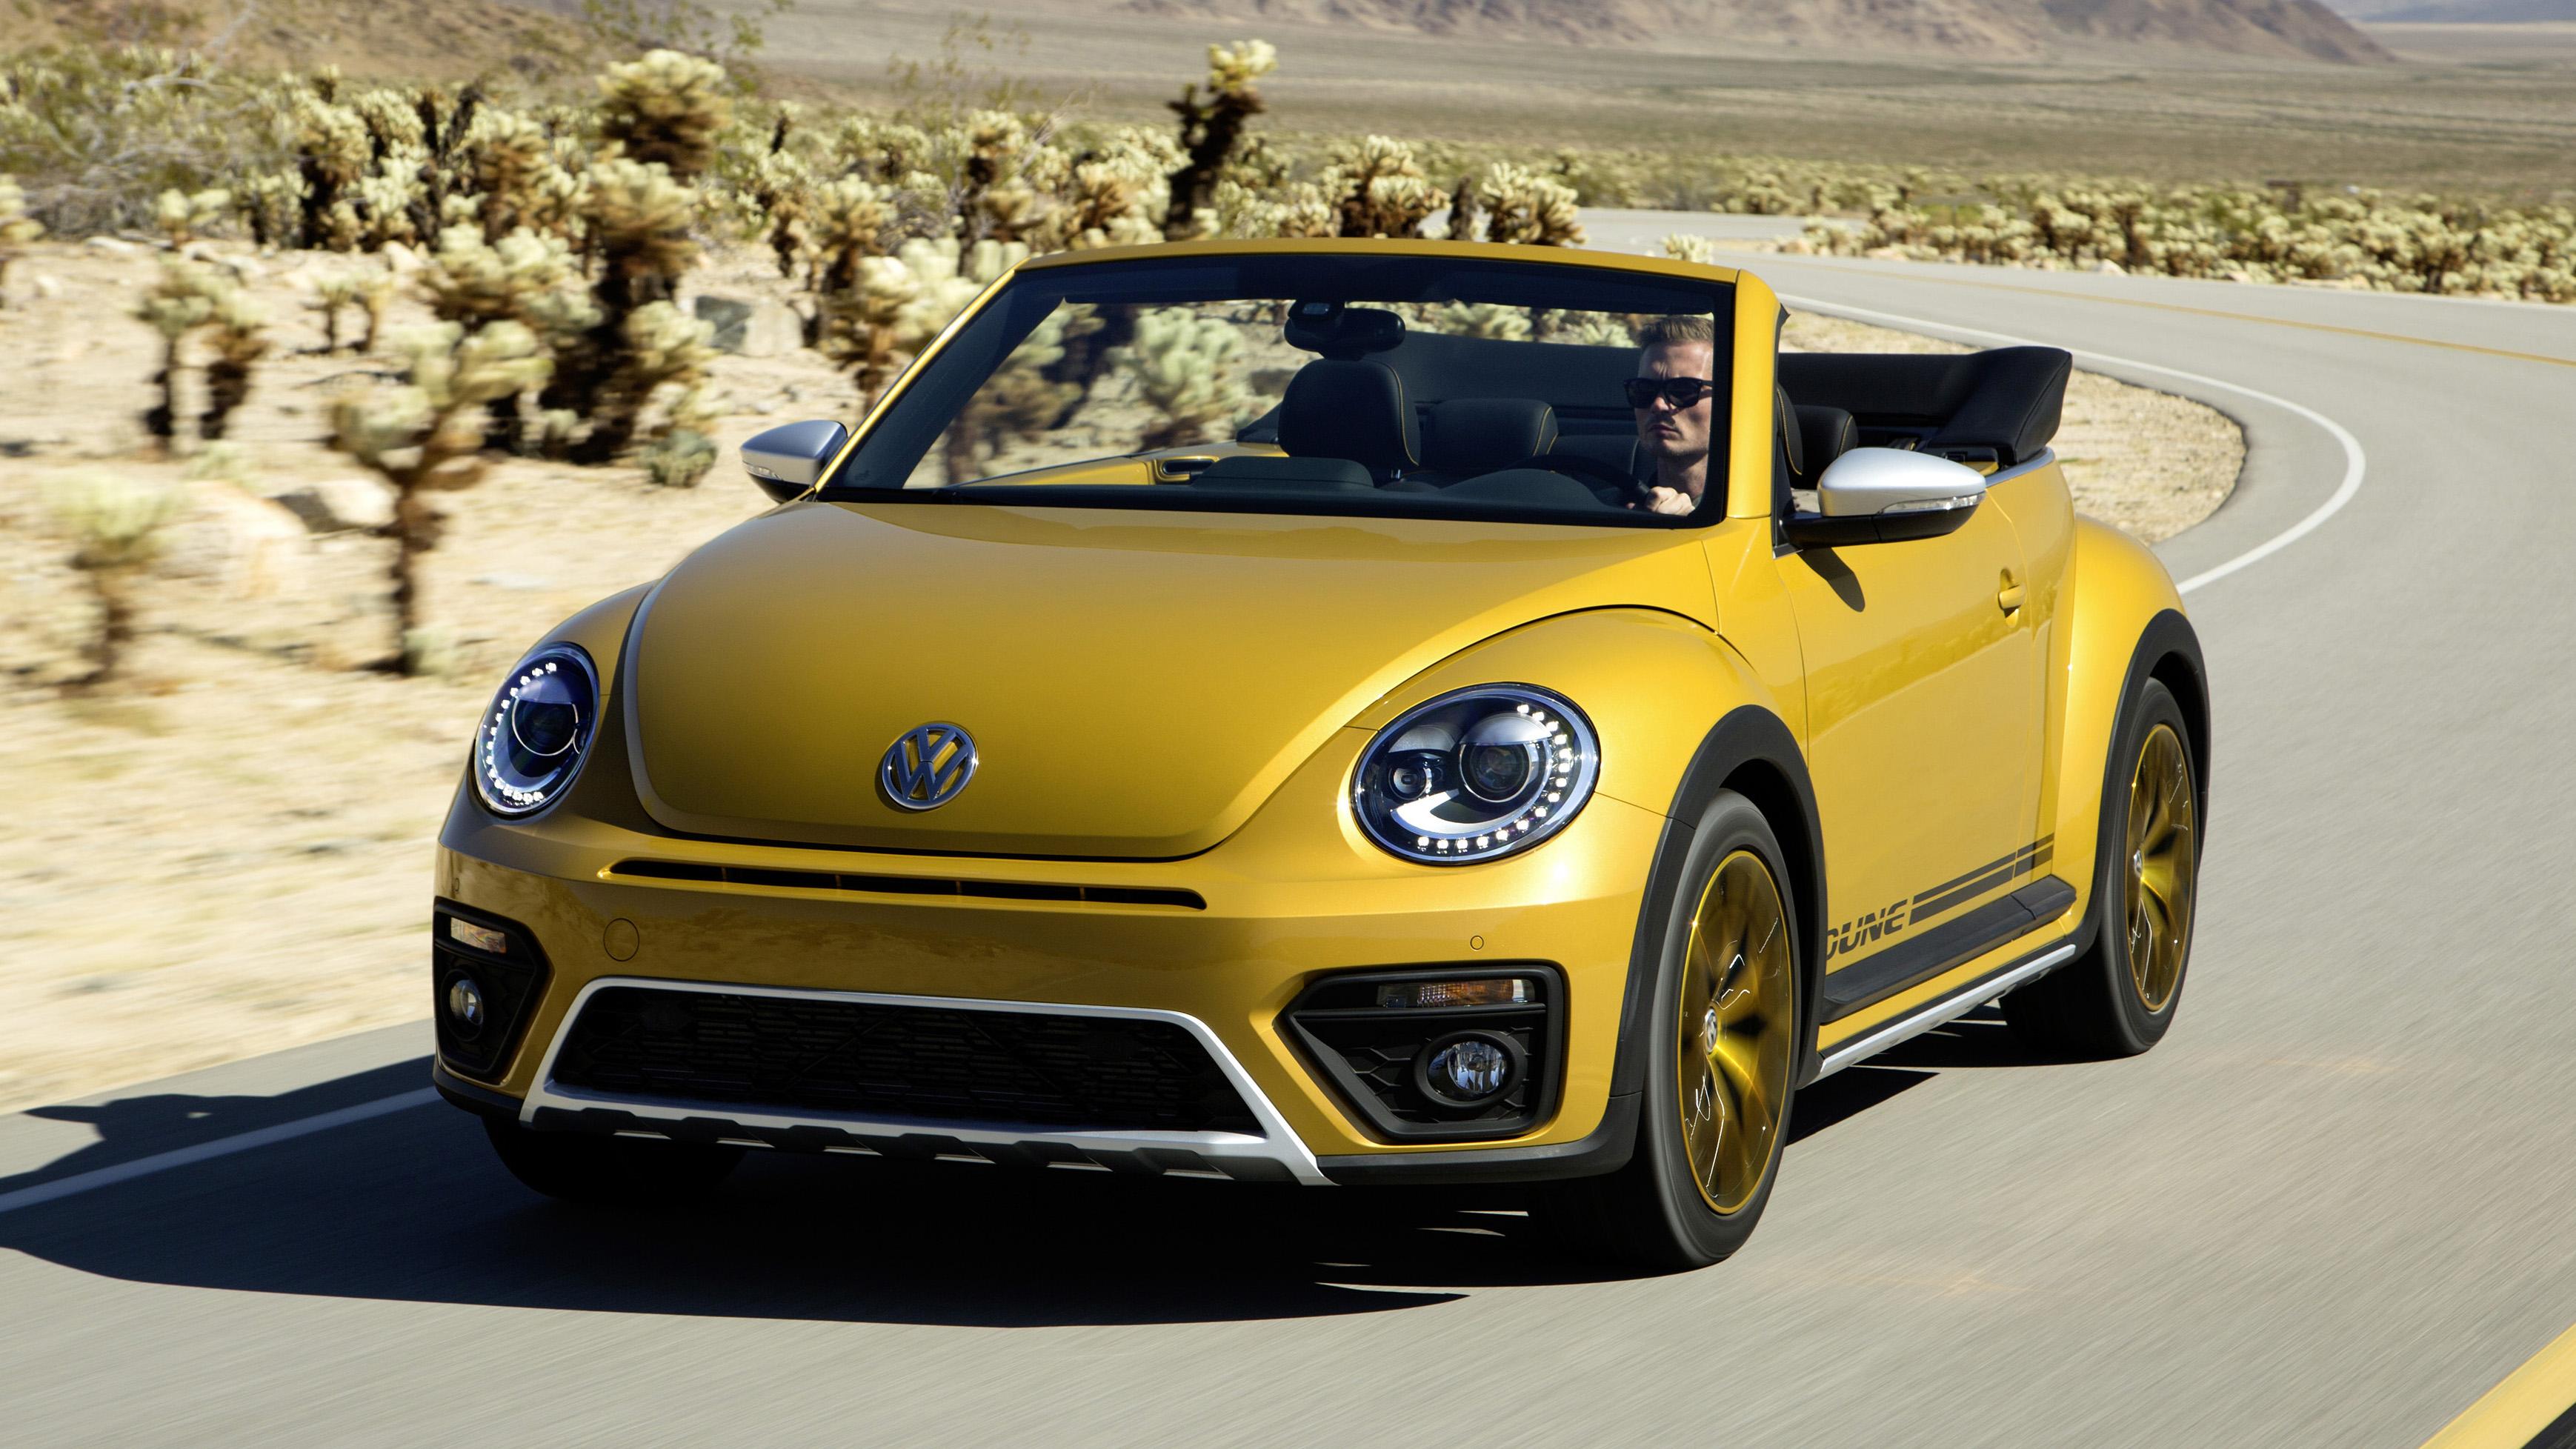 vw date car beetle spy shoot dune price release specs and volkswagen